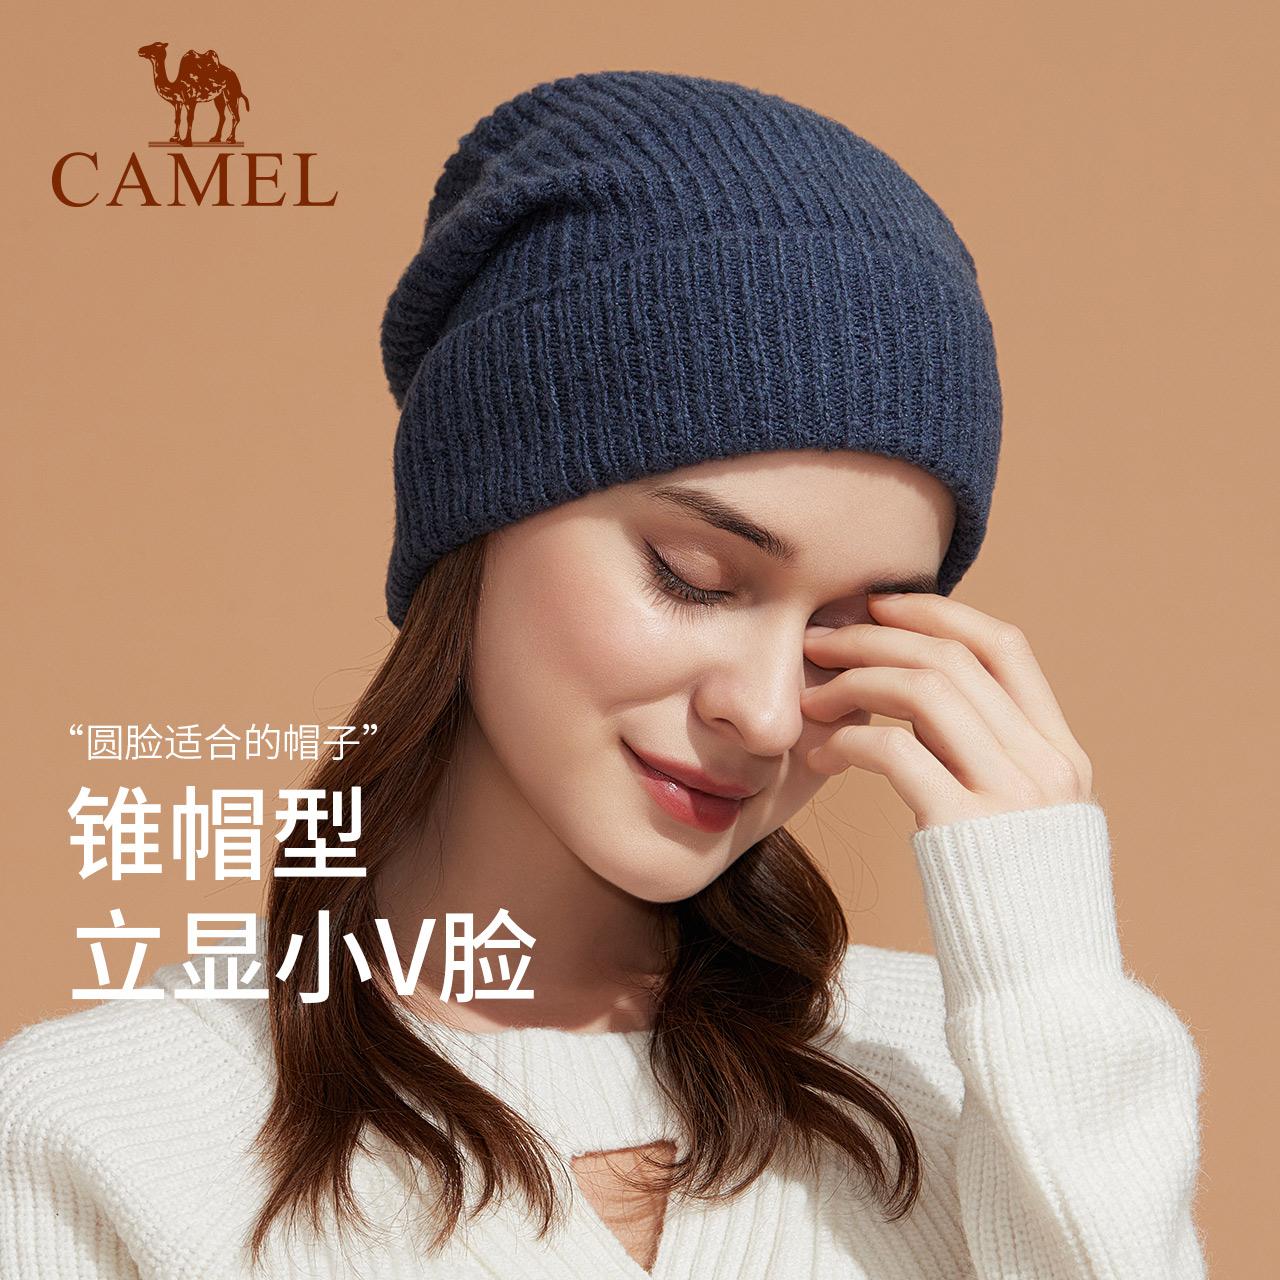 骆驼 保暖针织帽 天猫优惠券折后¥29包邮(¥49-20)男、女多色可选